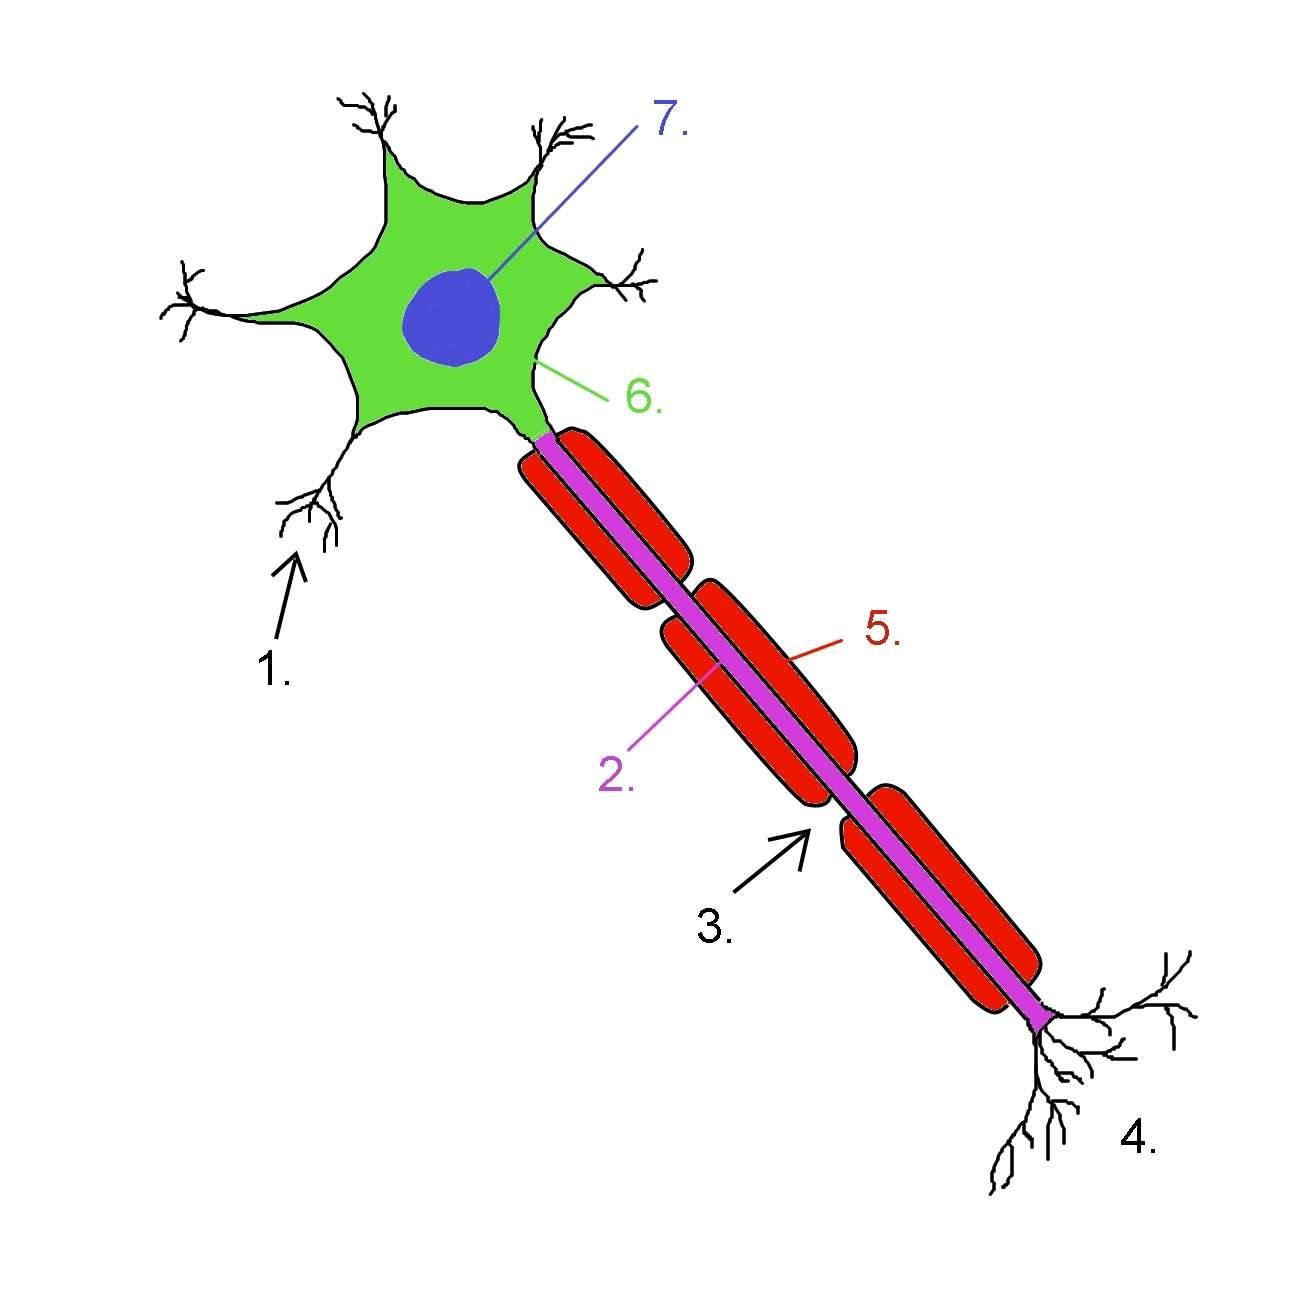 Schéma d'un neurone. On y trouve une dendrite (1), un axone (2), un nœud de Ranvier (3), l'extrémité de l'axone (4), la myéline (5), le corps cellulaire (6) et le noyau (7). Grâce à la myéline et aux nœuds de Ranvier, la vitesse de progression de l'influx nerveux dans l'axone est maximisée. © NickGorton, Wikimedia Commons, cc by sa 3.0